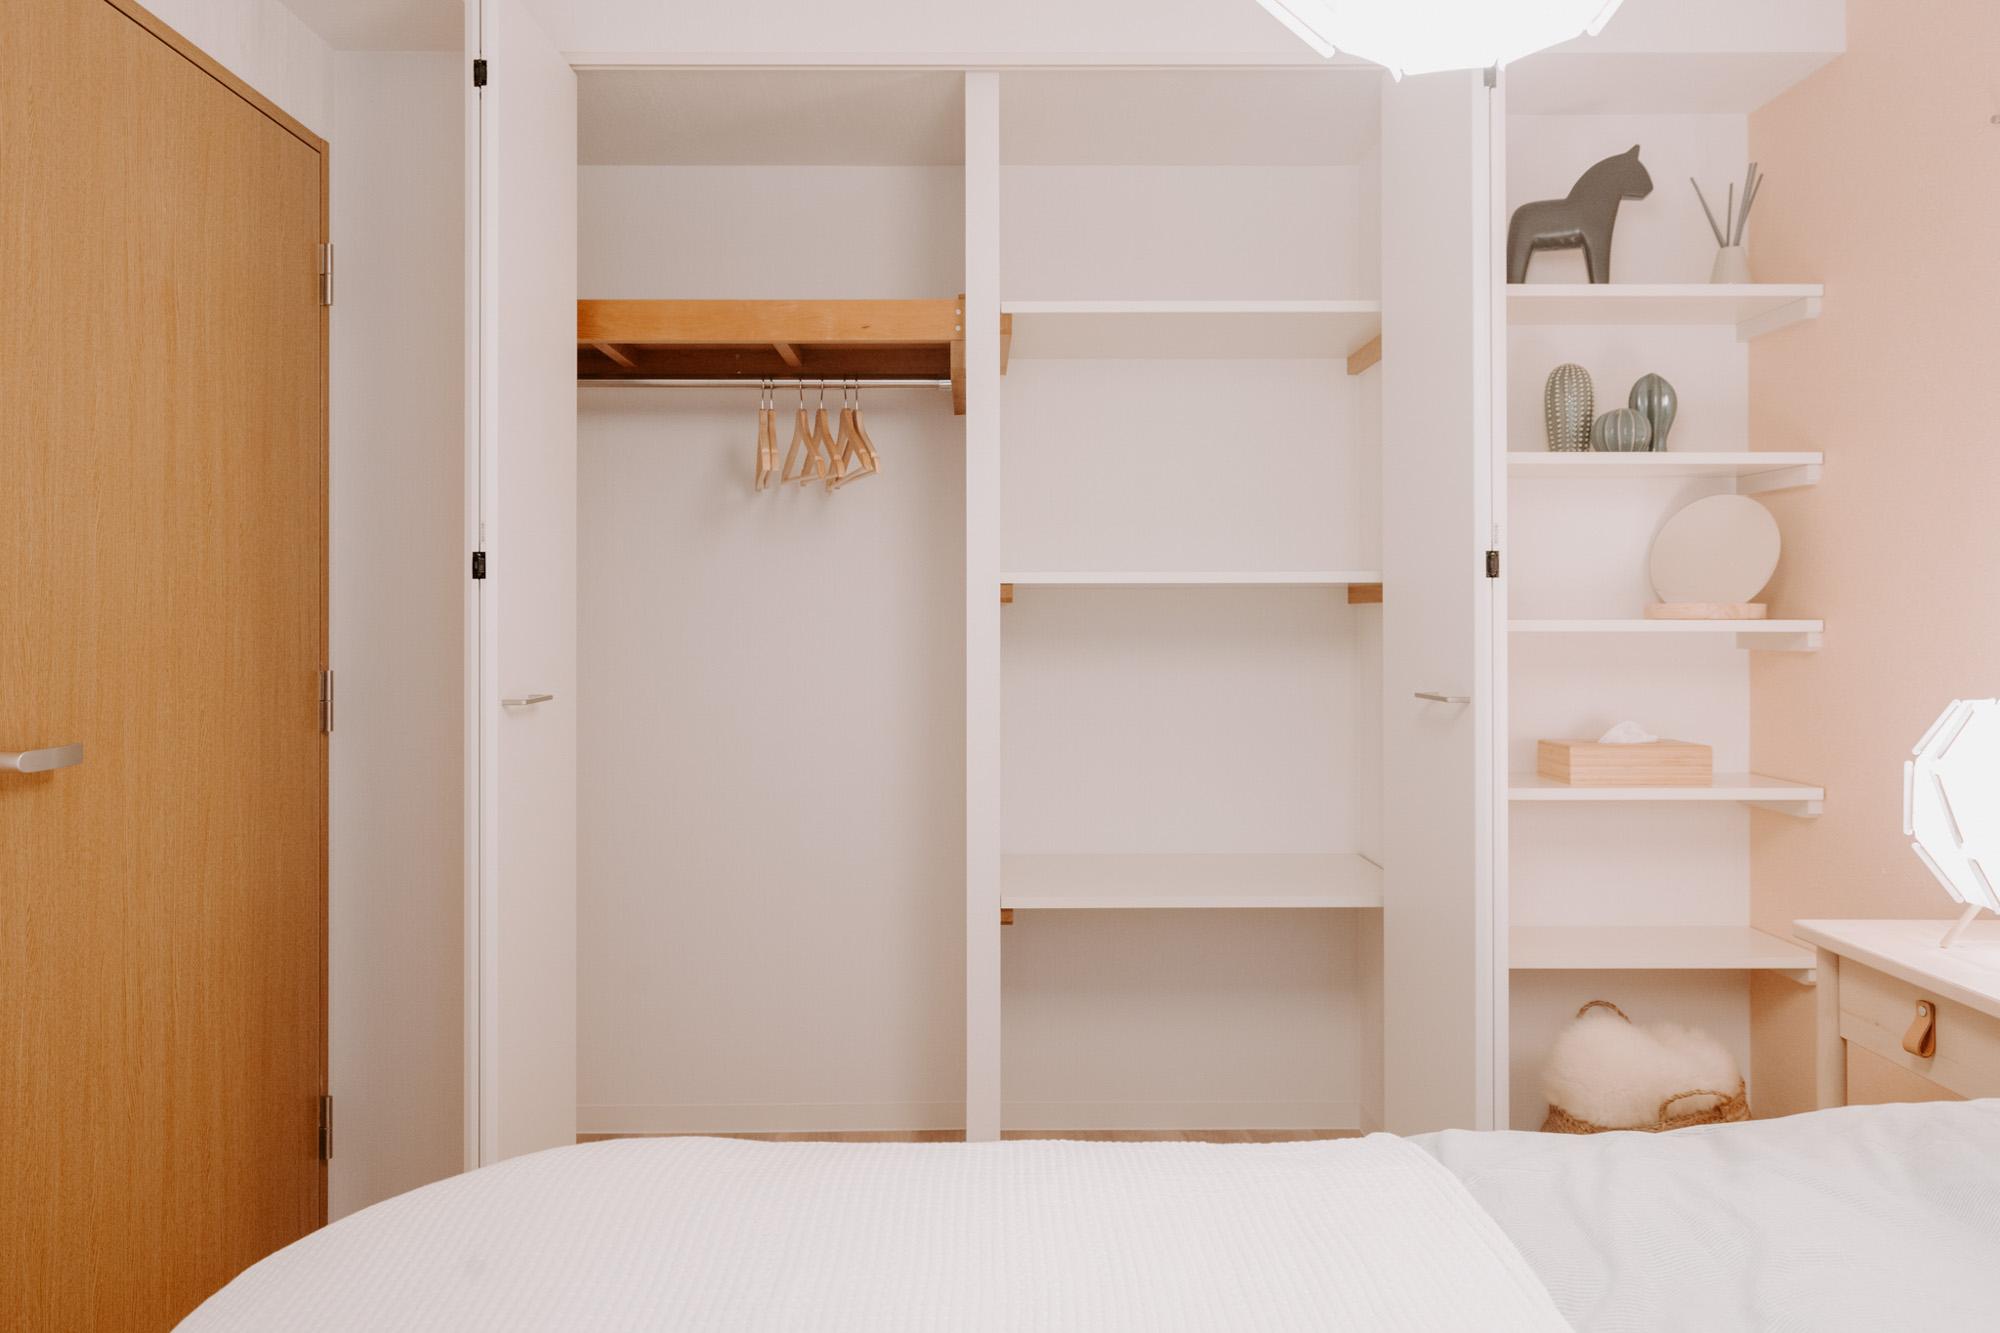 壁一面が収納になっています。棚板も多く、便利に使えそう。